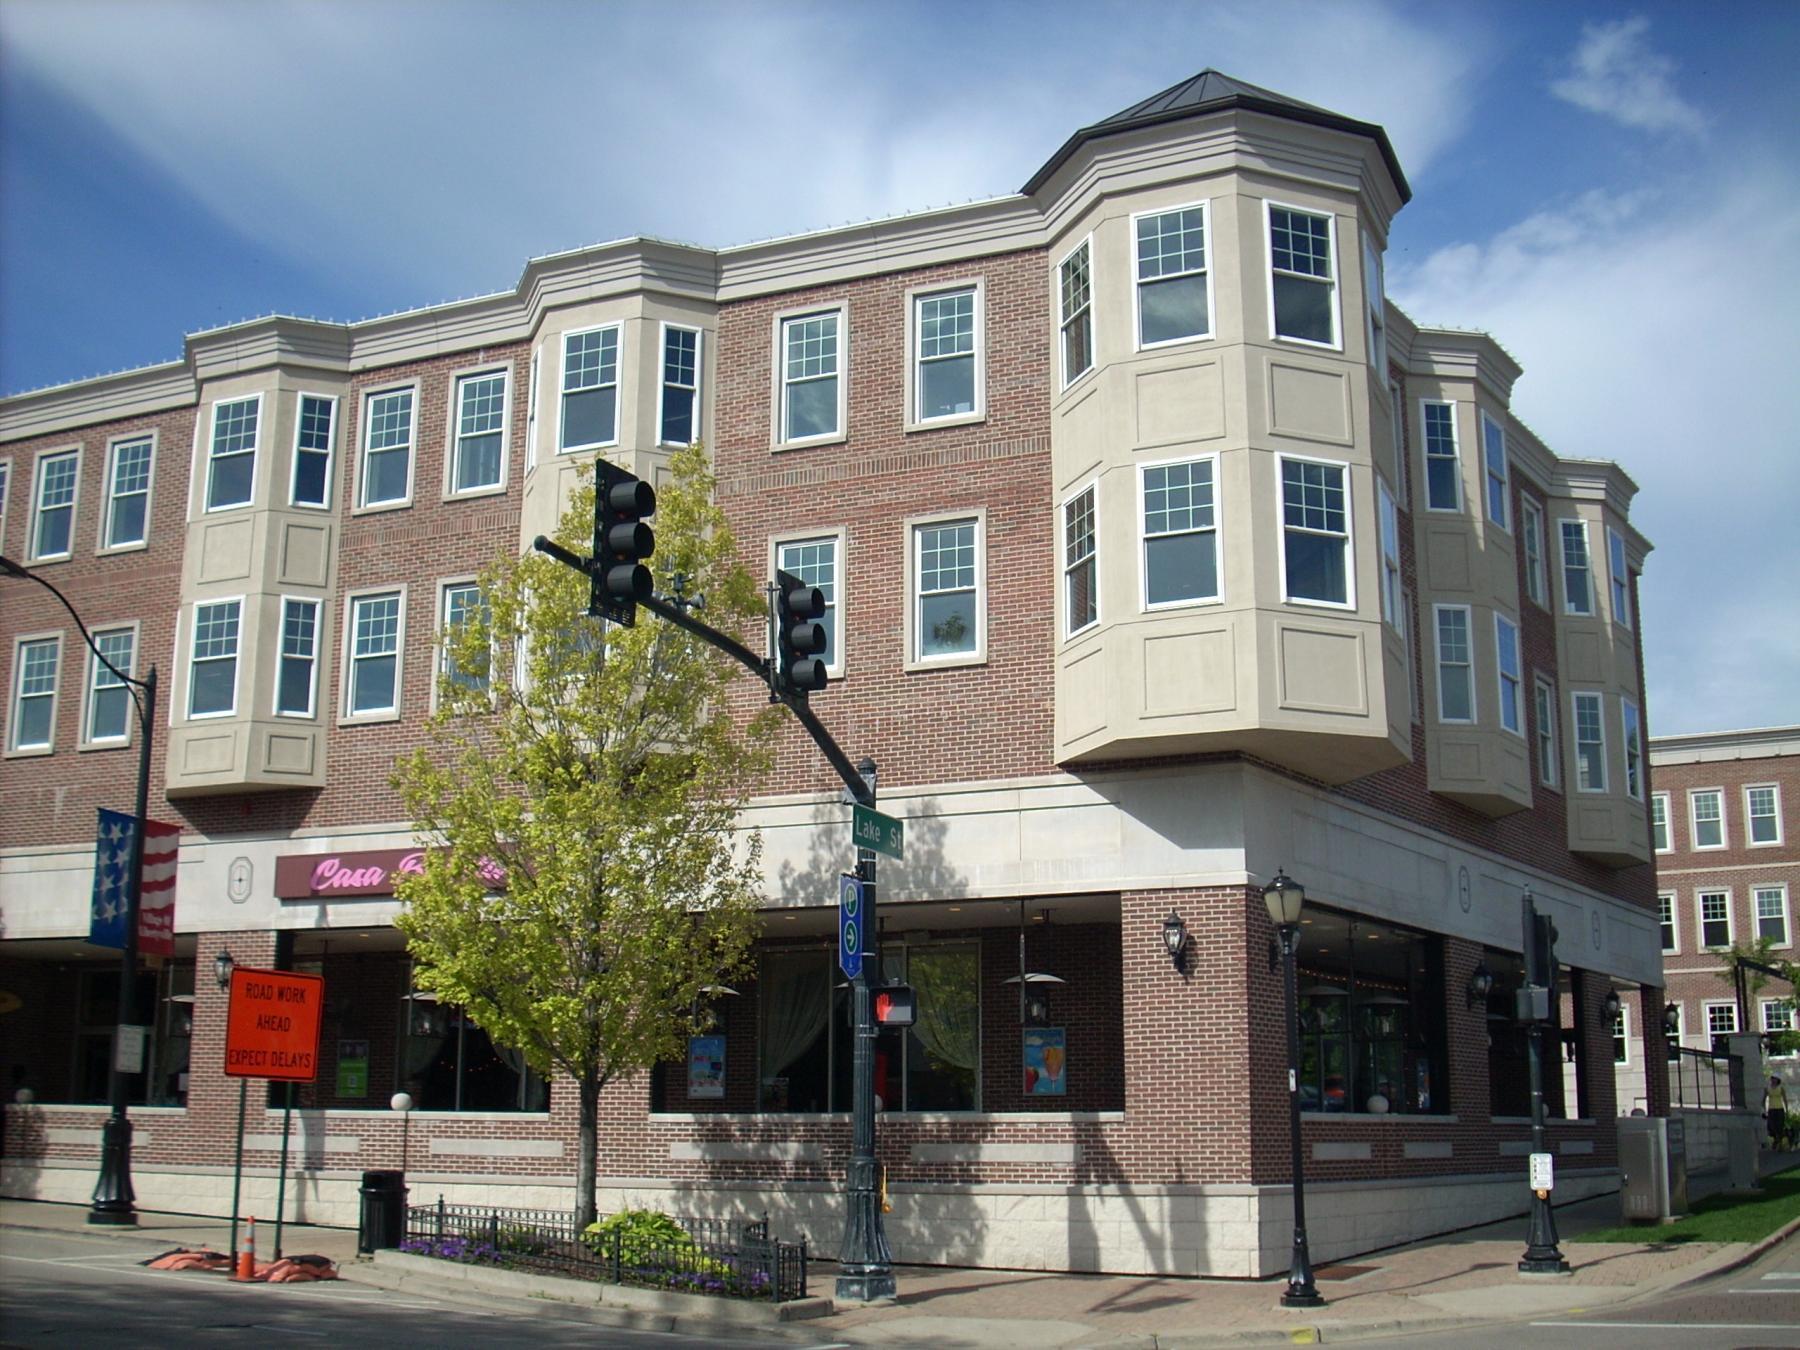 Casa Bonita, 633 N. Milwaukee Avenue, circa 2016